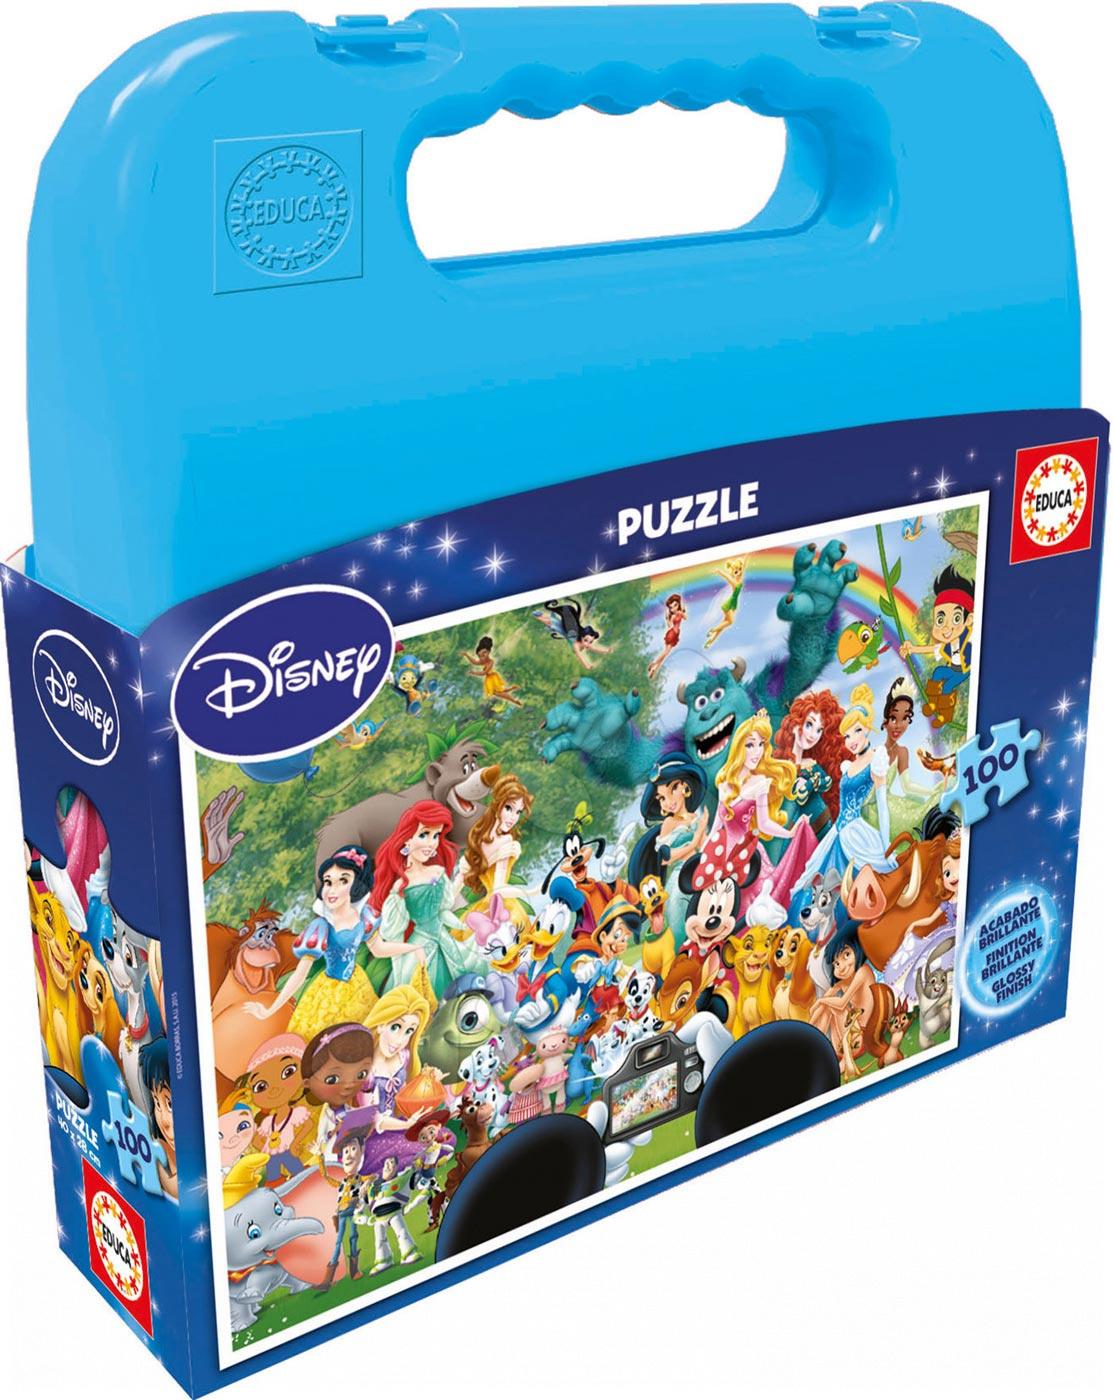 Puzzle Sbírka Disney postaviček Educa 100 dílů od 5 let